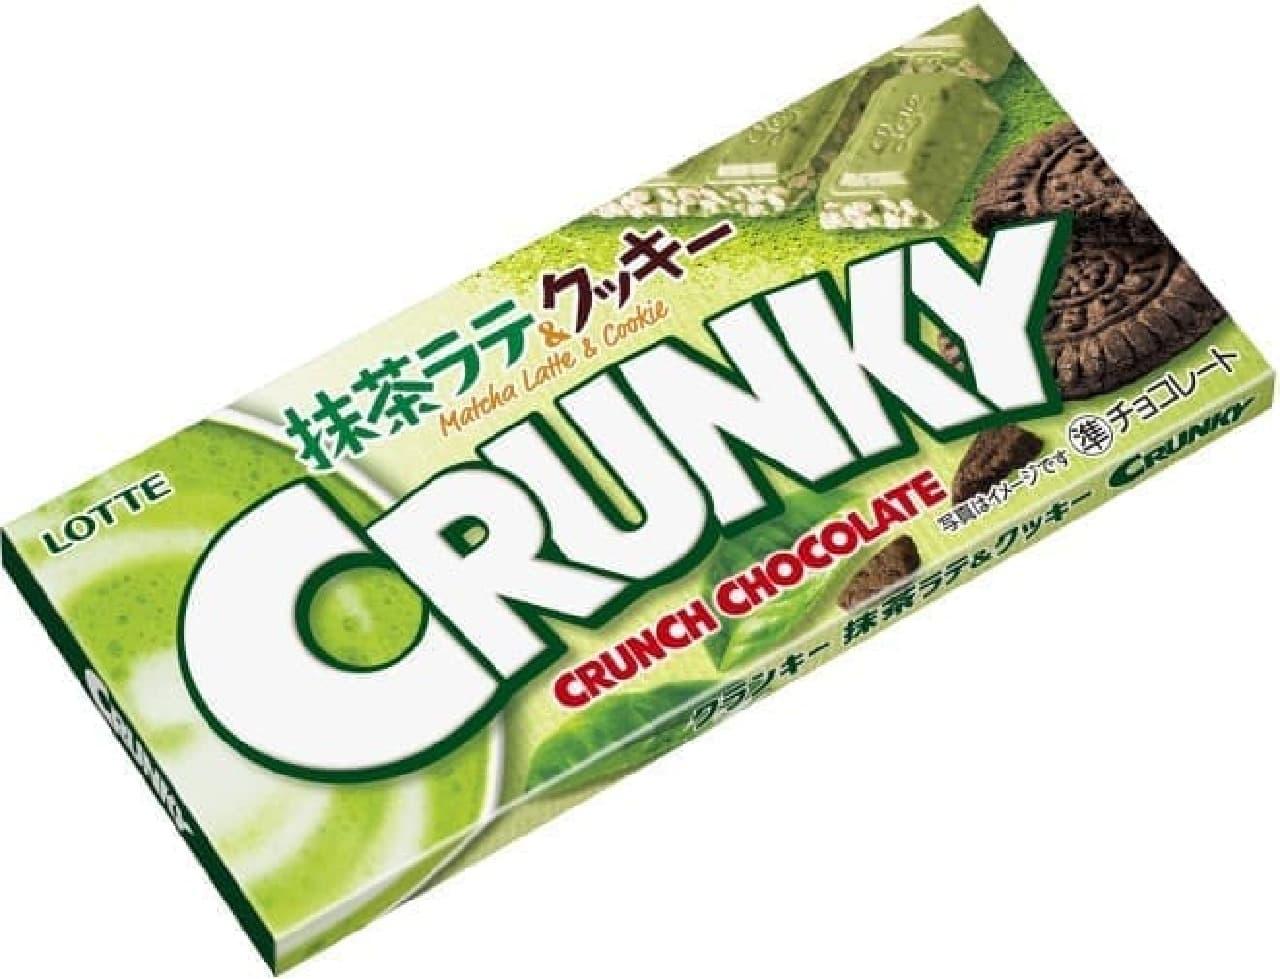 ロッテ「クランキー<抹茶ラテ&クッキー>」